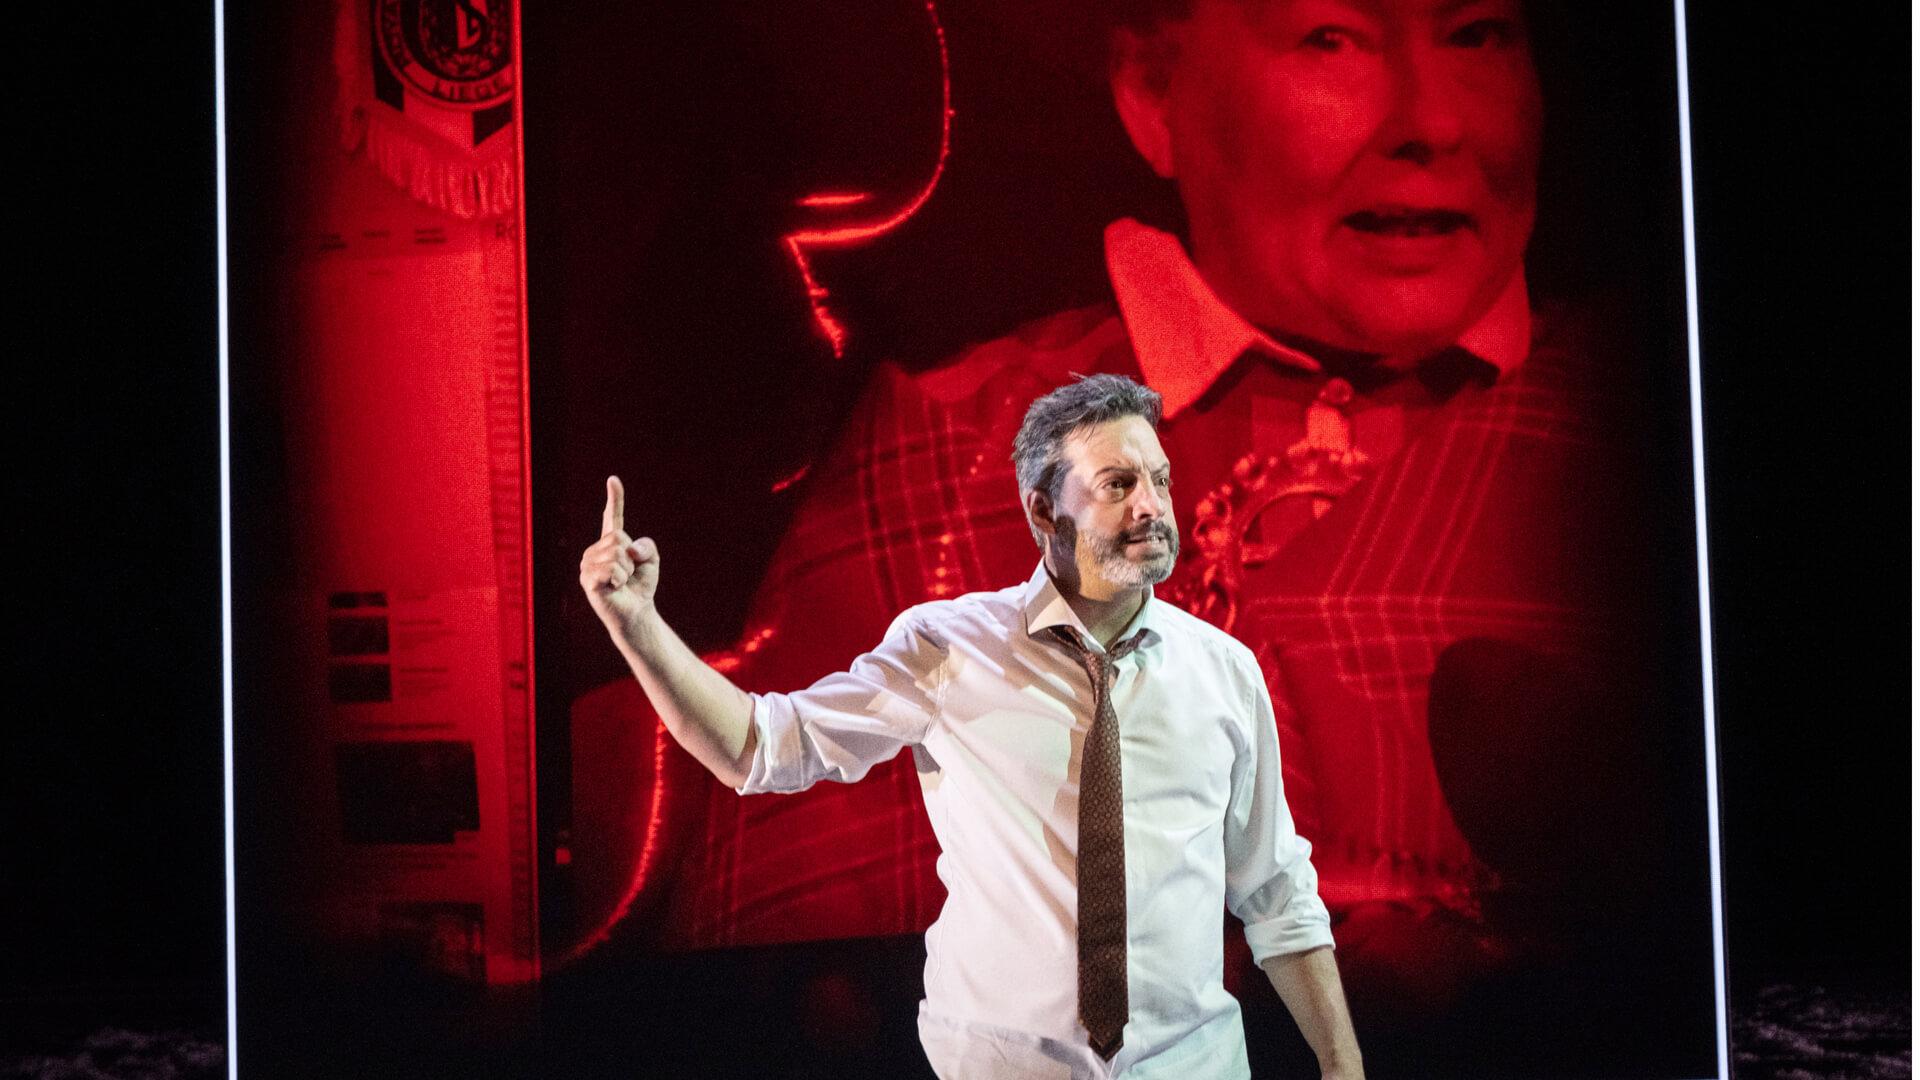 La última noche del muno, Teatro María Guerreo, Madrid